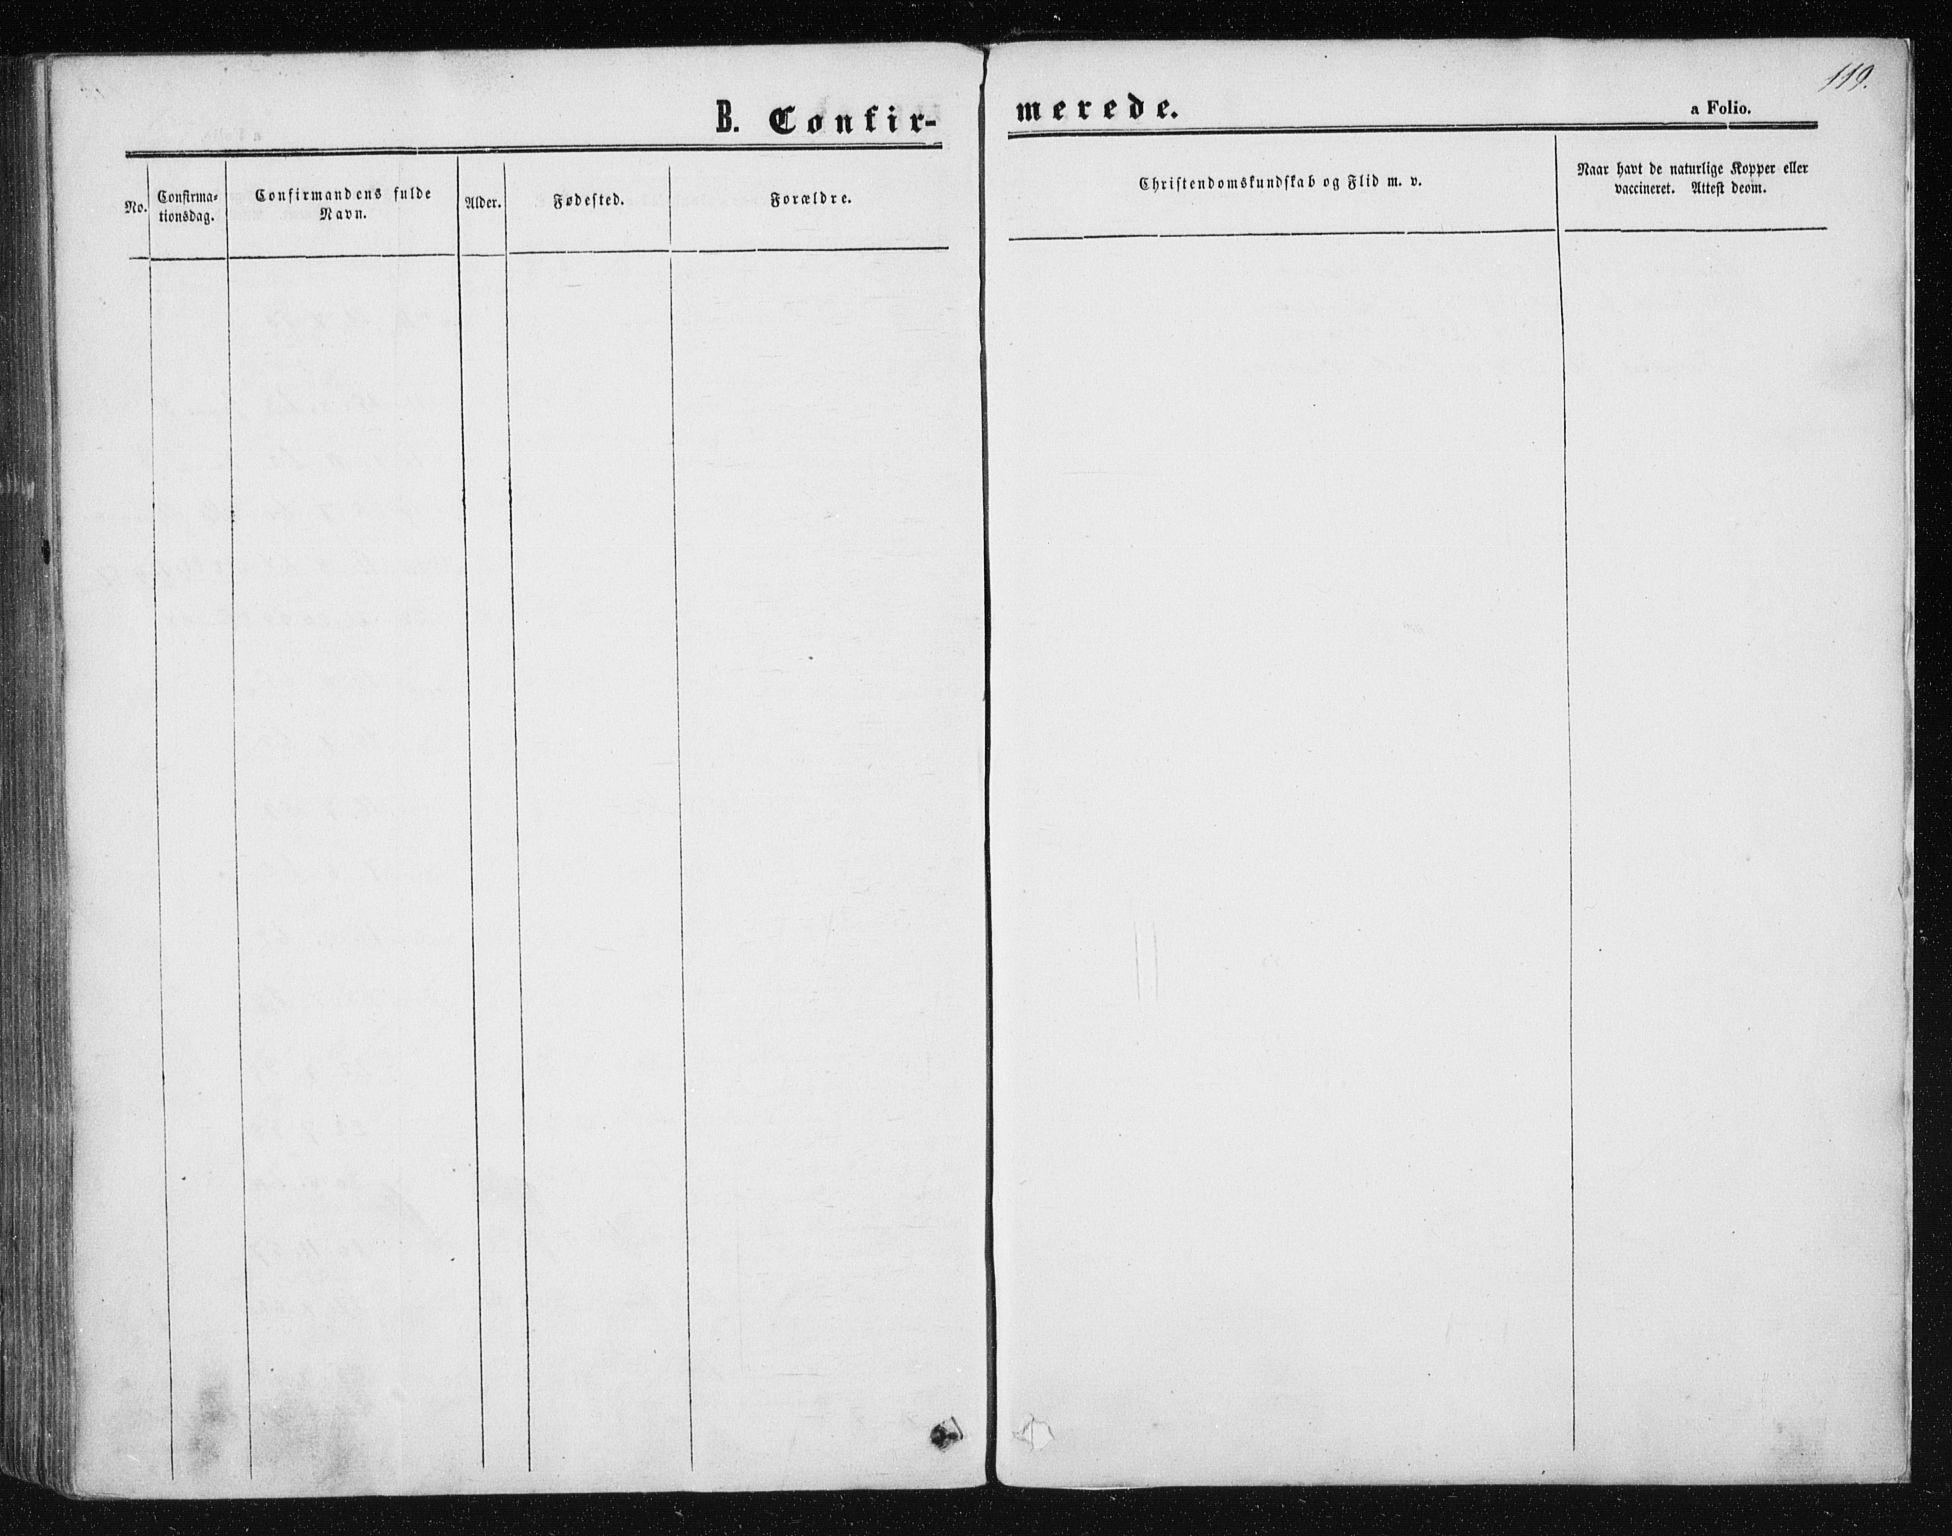 SAT, Ministerialprotokoller, klokkerbøker og fødselsregistre - Sør-Trøndelag, 602/L0114: Ministerialbok nr. 602A12, 1856-1872, s. 119